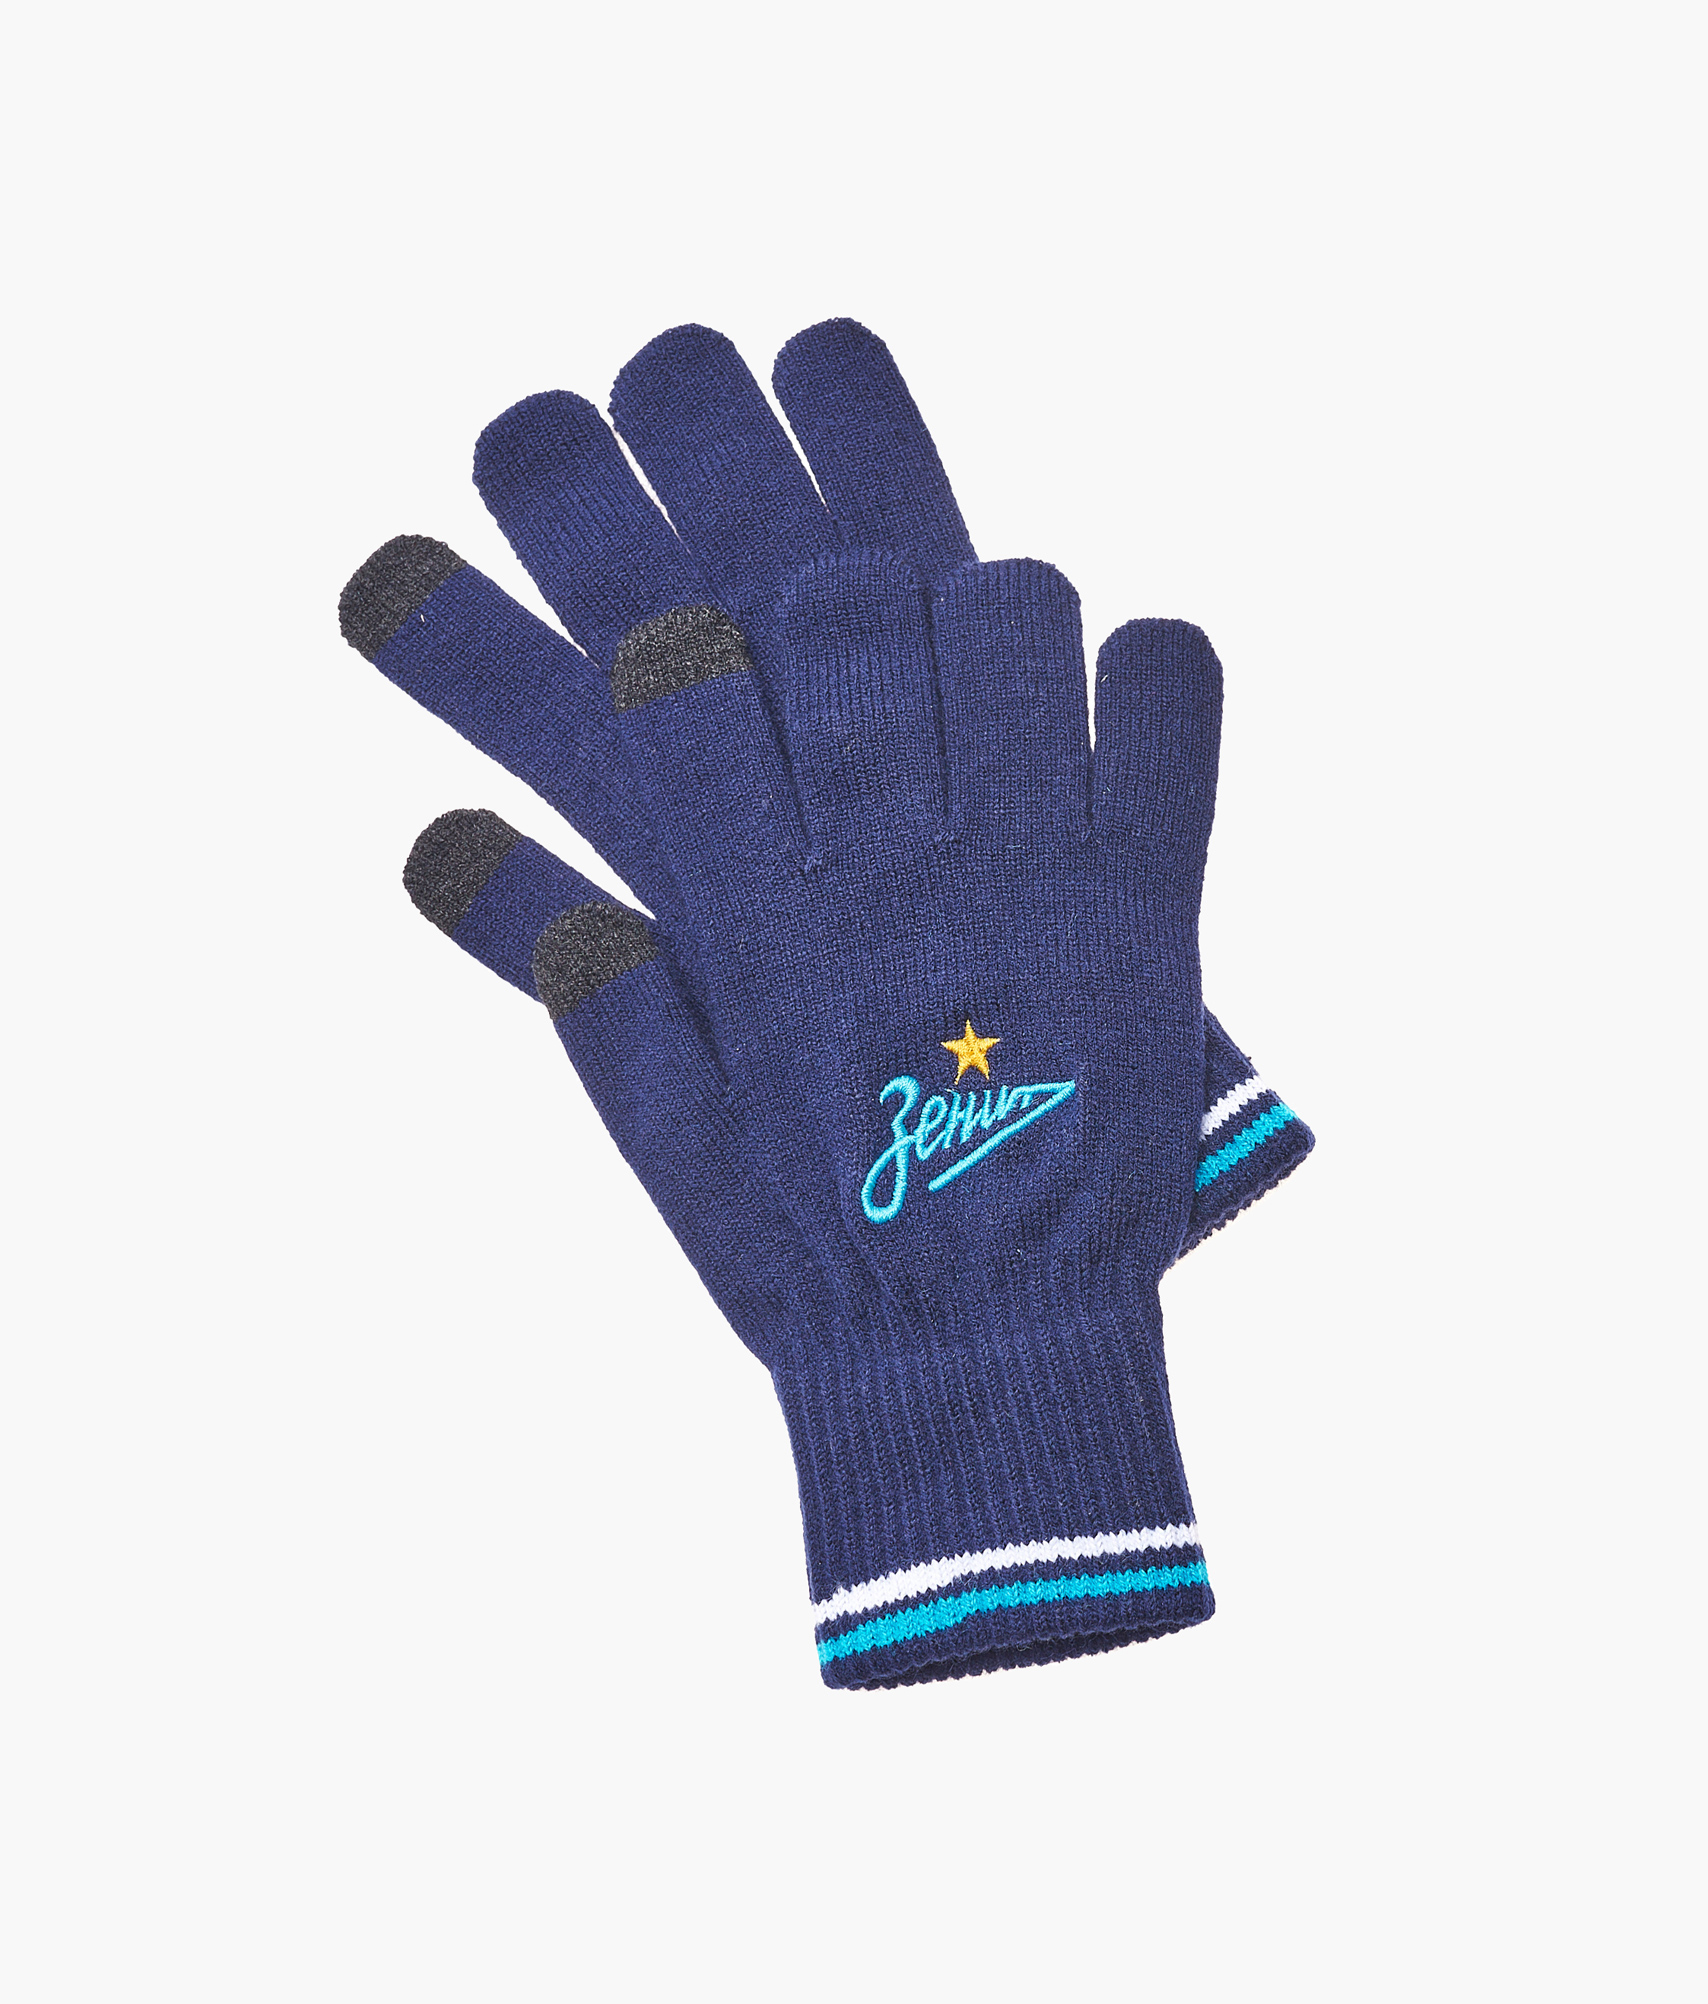 Фото - Перчатки взрослые сенсорные Зенит Зенит Цвет-Темно-синий защитные антистатические перчатки из углеродного волокна ermar erma